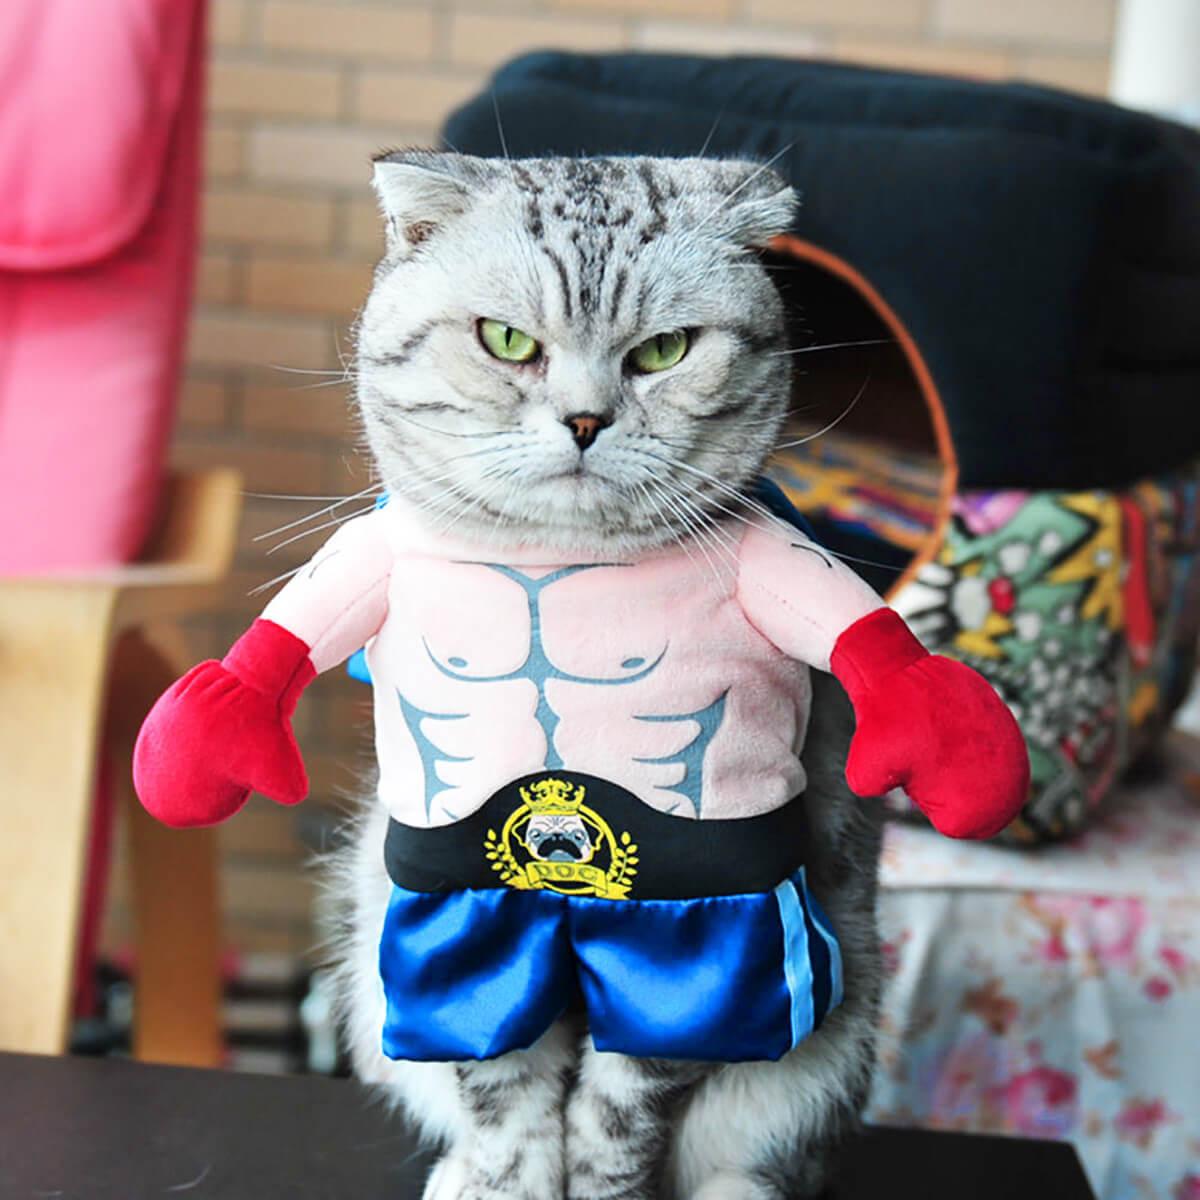 Прикольные и красивые картинки котов в одежде - сборка 12